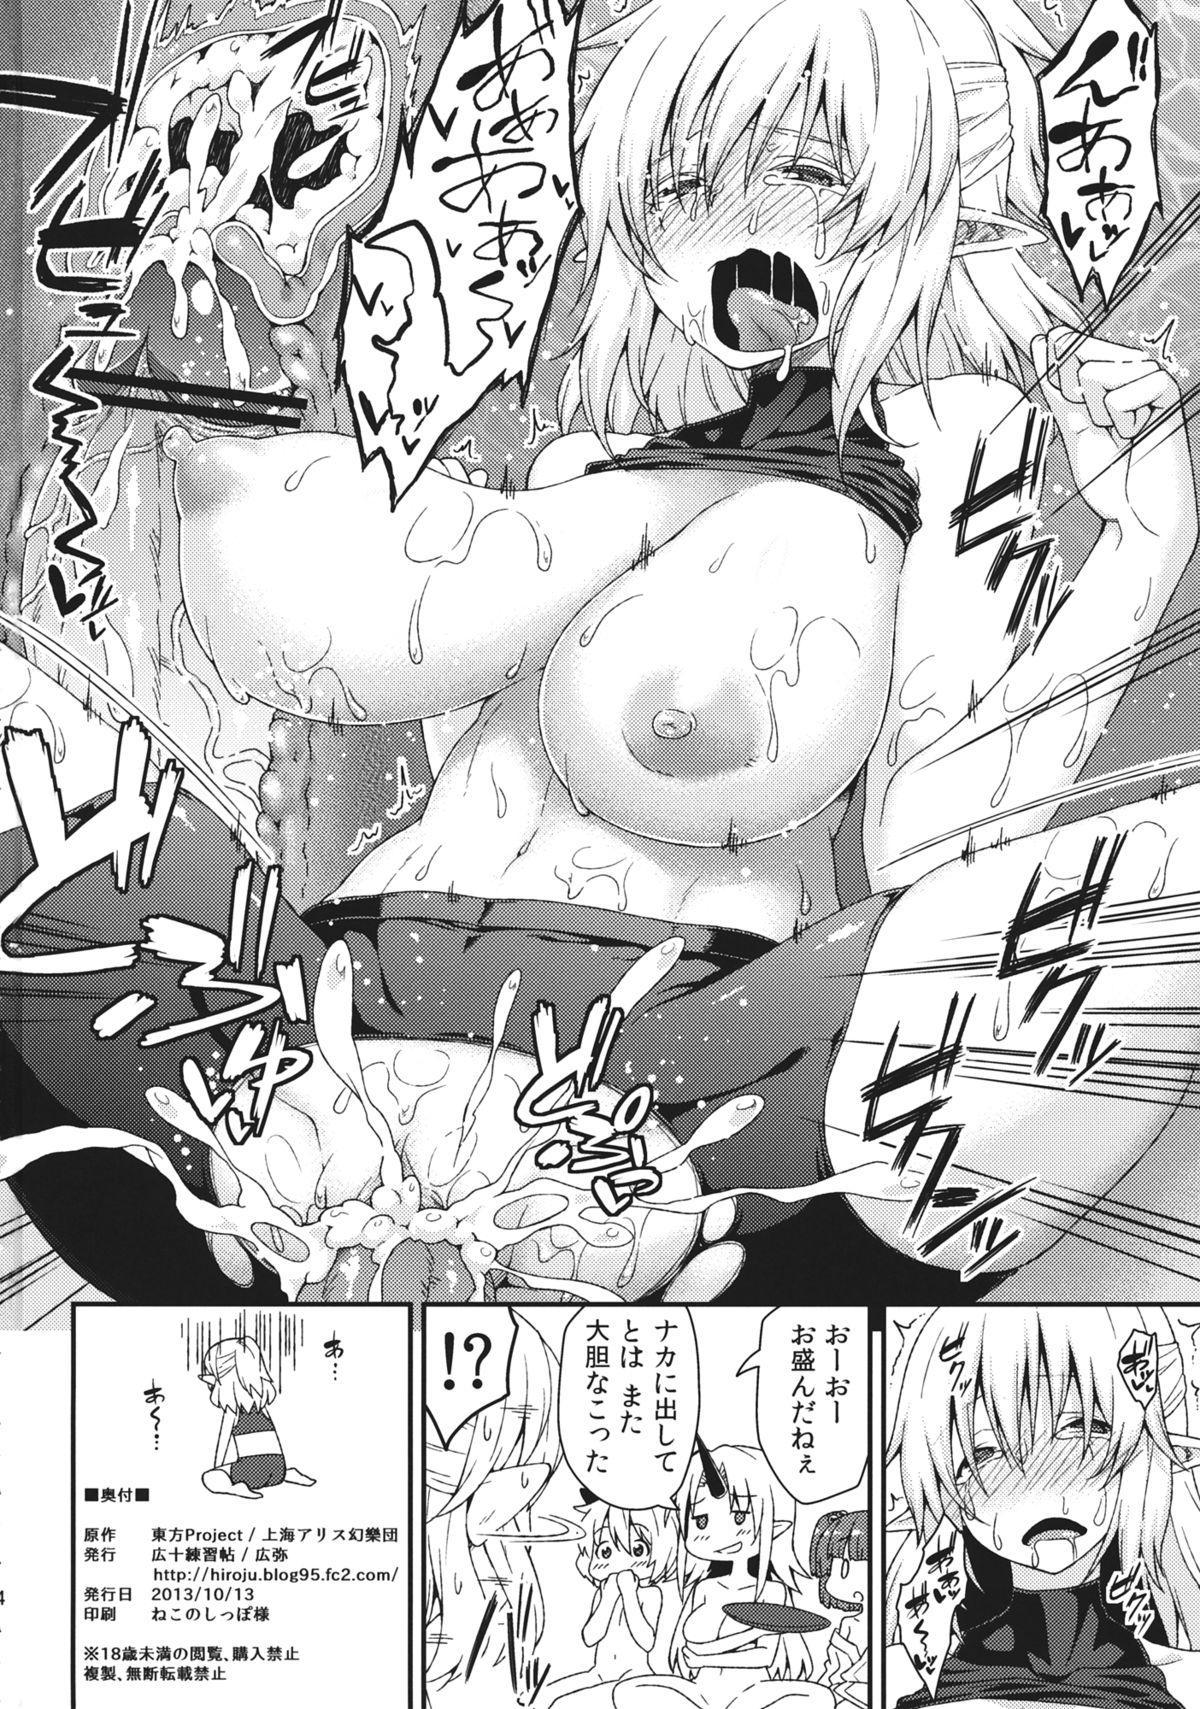 Kanojo no Hitomi wa Naniiro ka 22